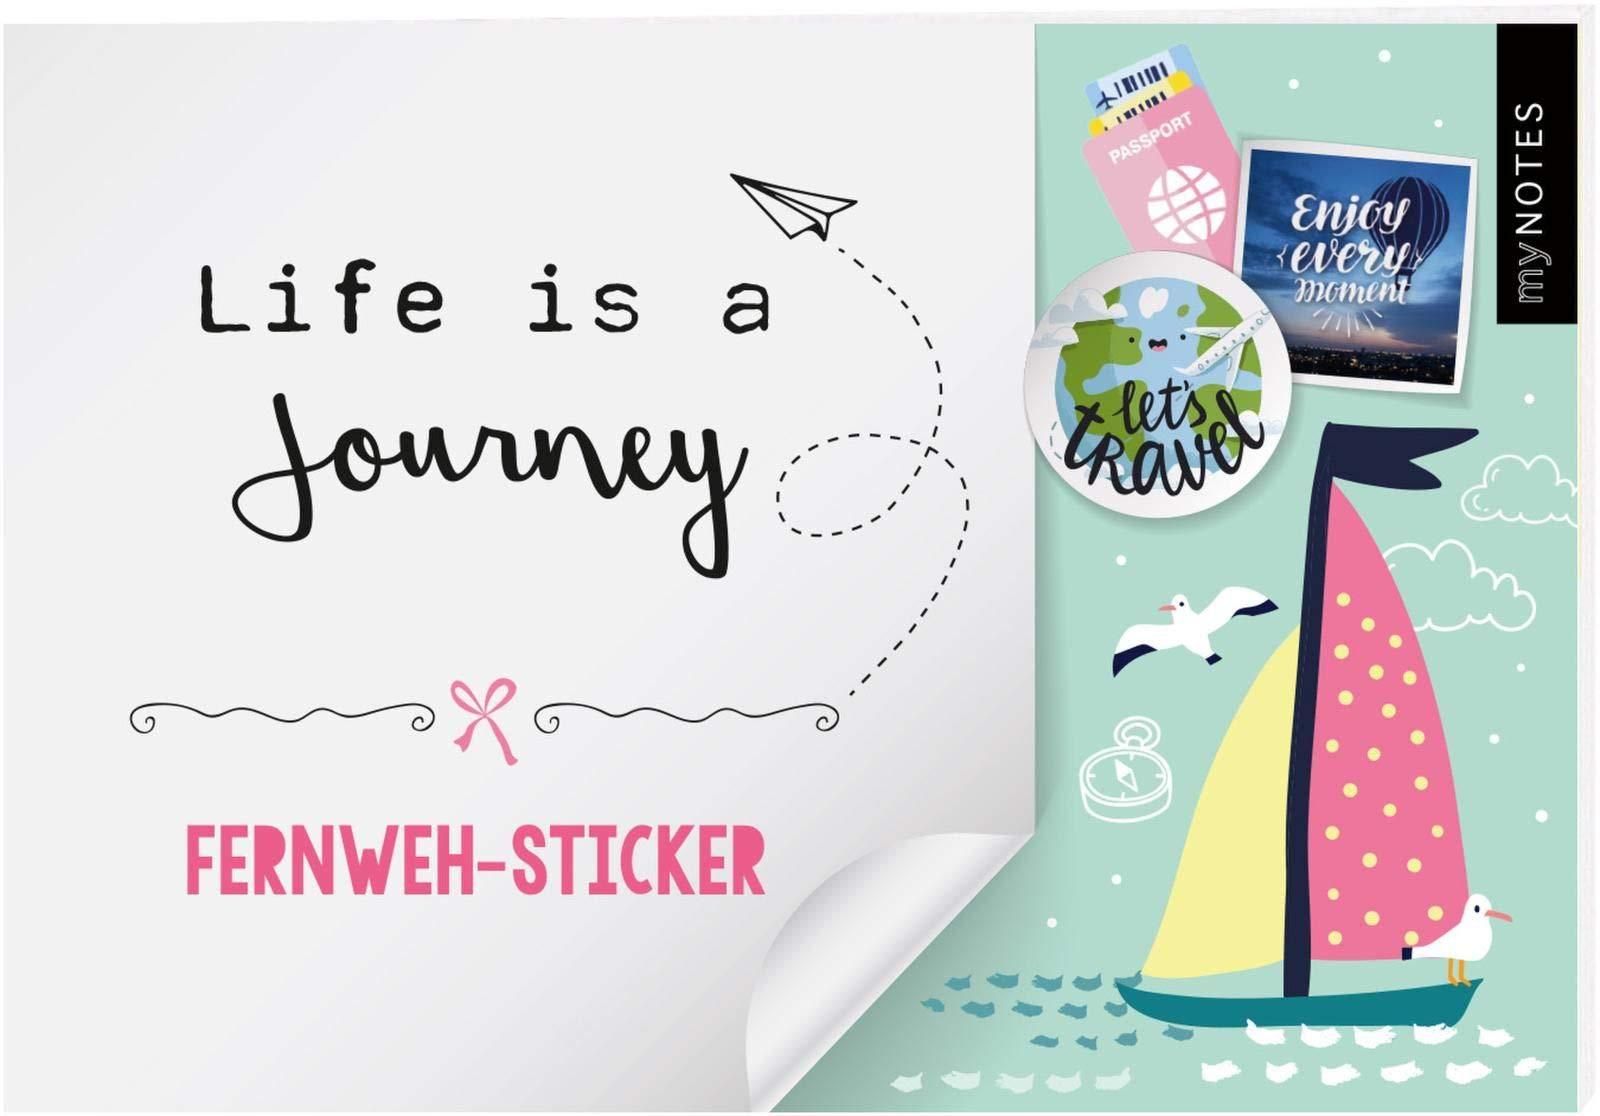 und Fernweh-Stickern Stickerheft mit Reise myNOTES Life is a Journey Bullet Journal oder Reisetagebuch Bunte Sticker f/ür Kalender